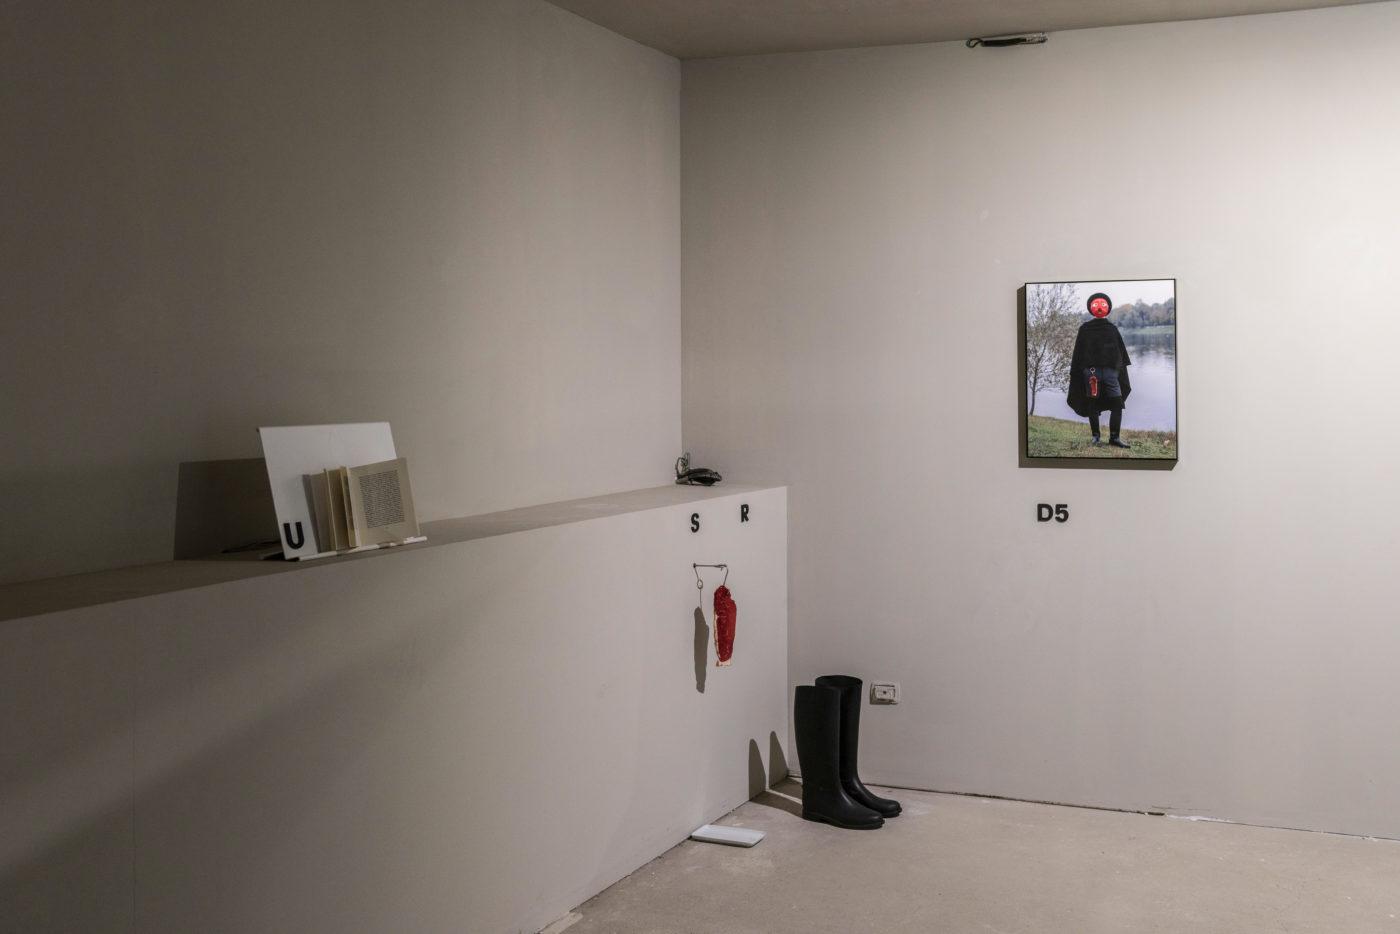 F/Q, Ho steso un lenzuolo per terra, Installation view, FuturDome, January 2020, courtesy F/Q